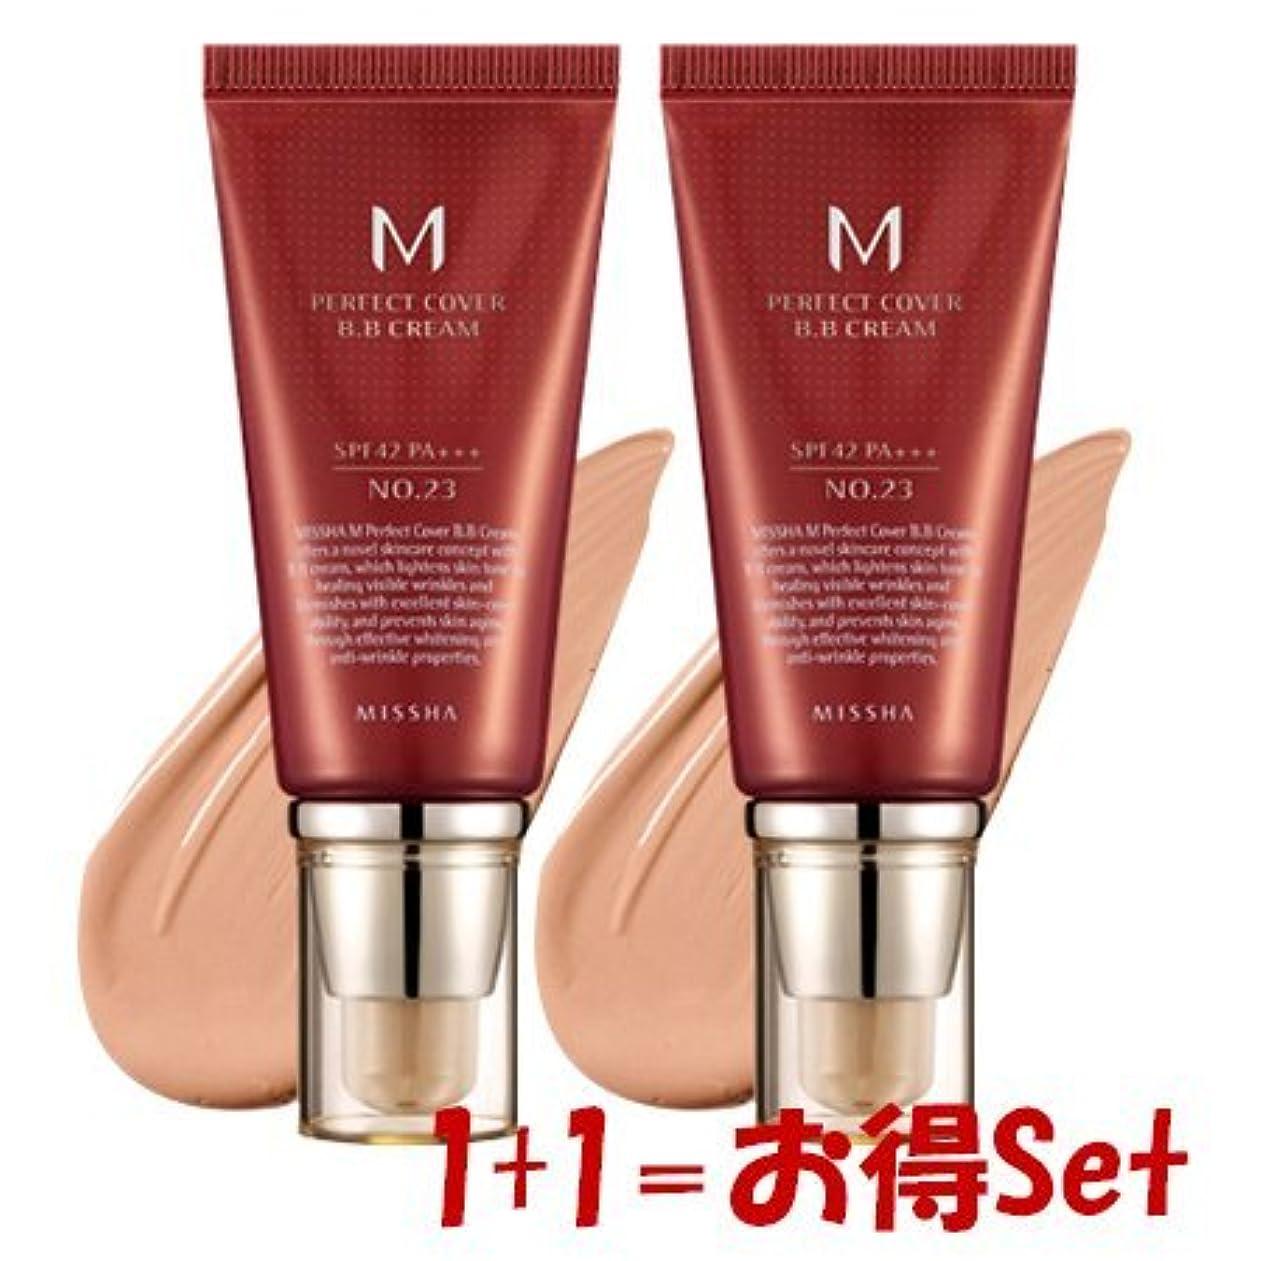 戸棚節約するモスクMISSHA(ミシャ) M Perfect Cover パーフェクトカバーBBクリーム 23号+23号(1+1=お得Set)